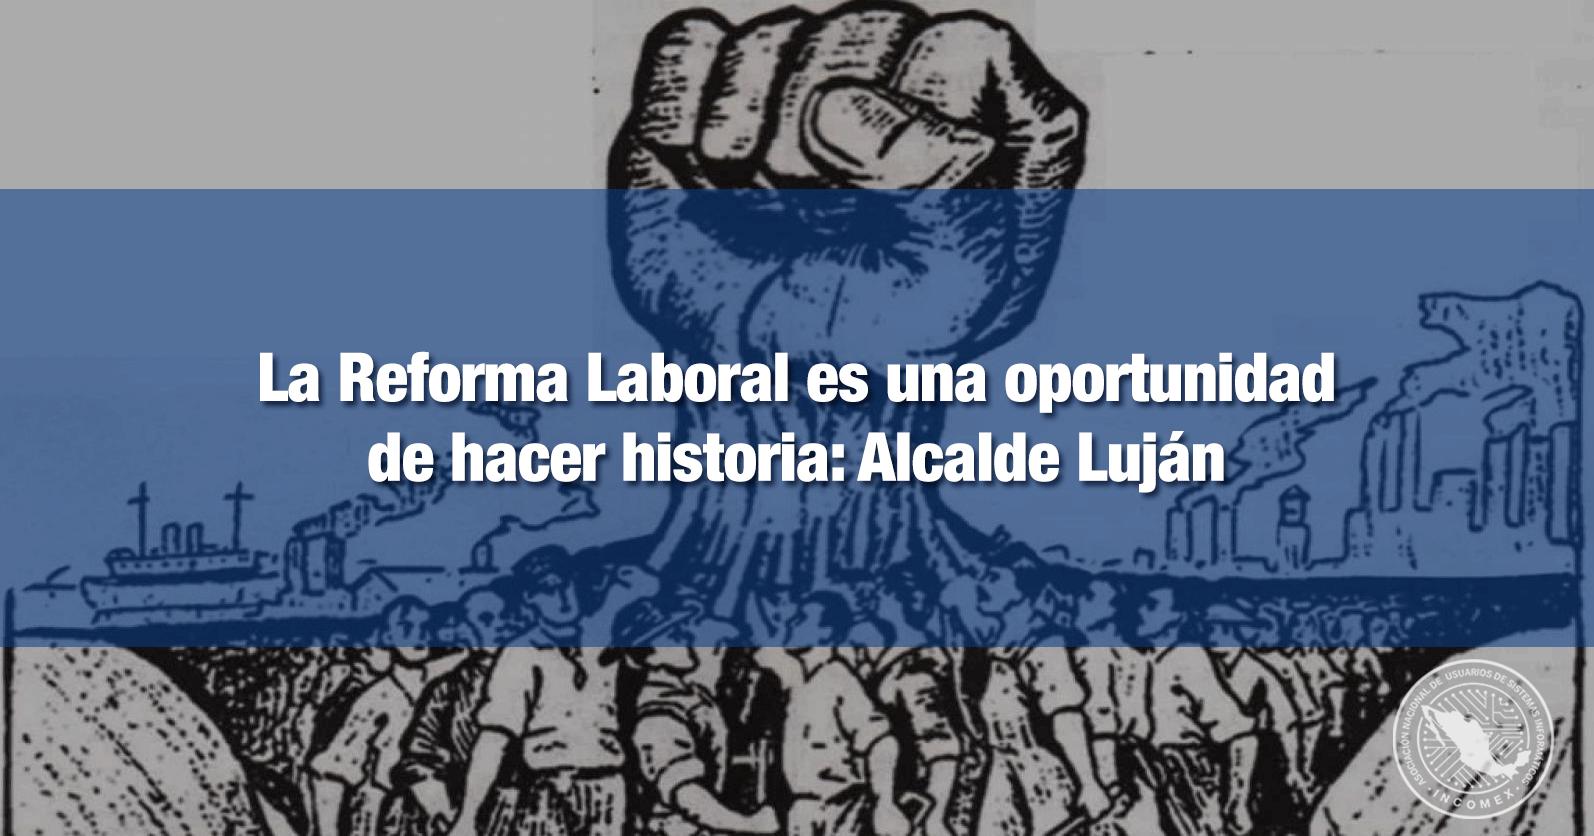 La Reforma Laboral es una oportunidad de hacer historia: Alcalde Luján